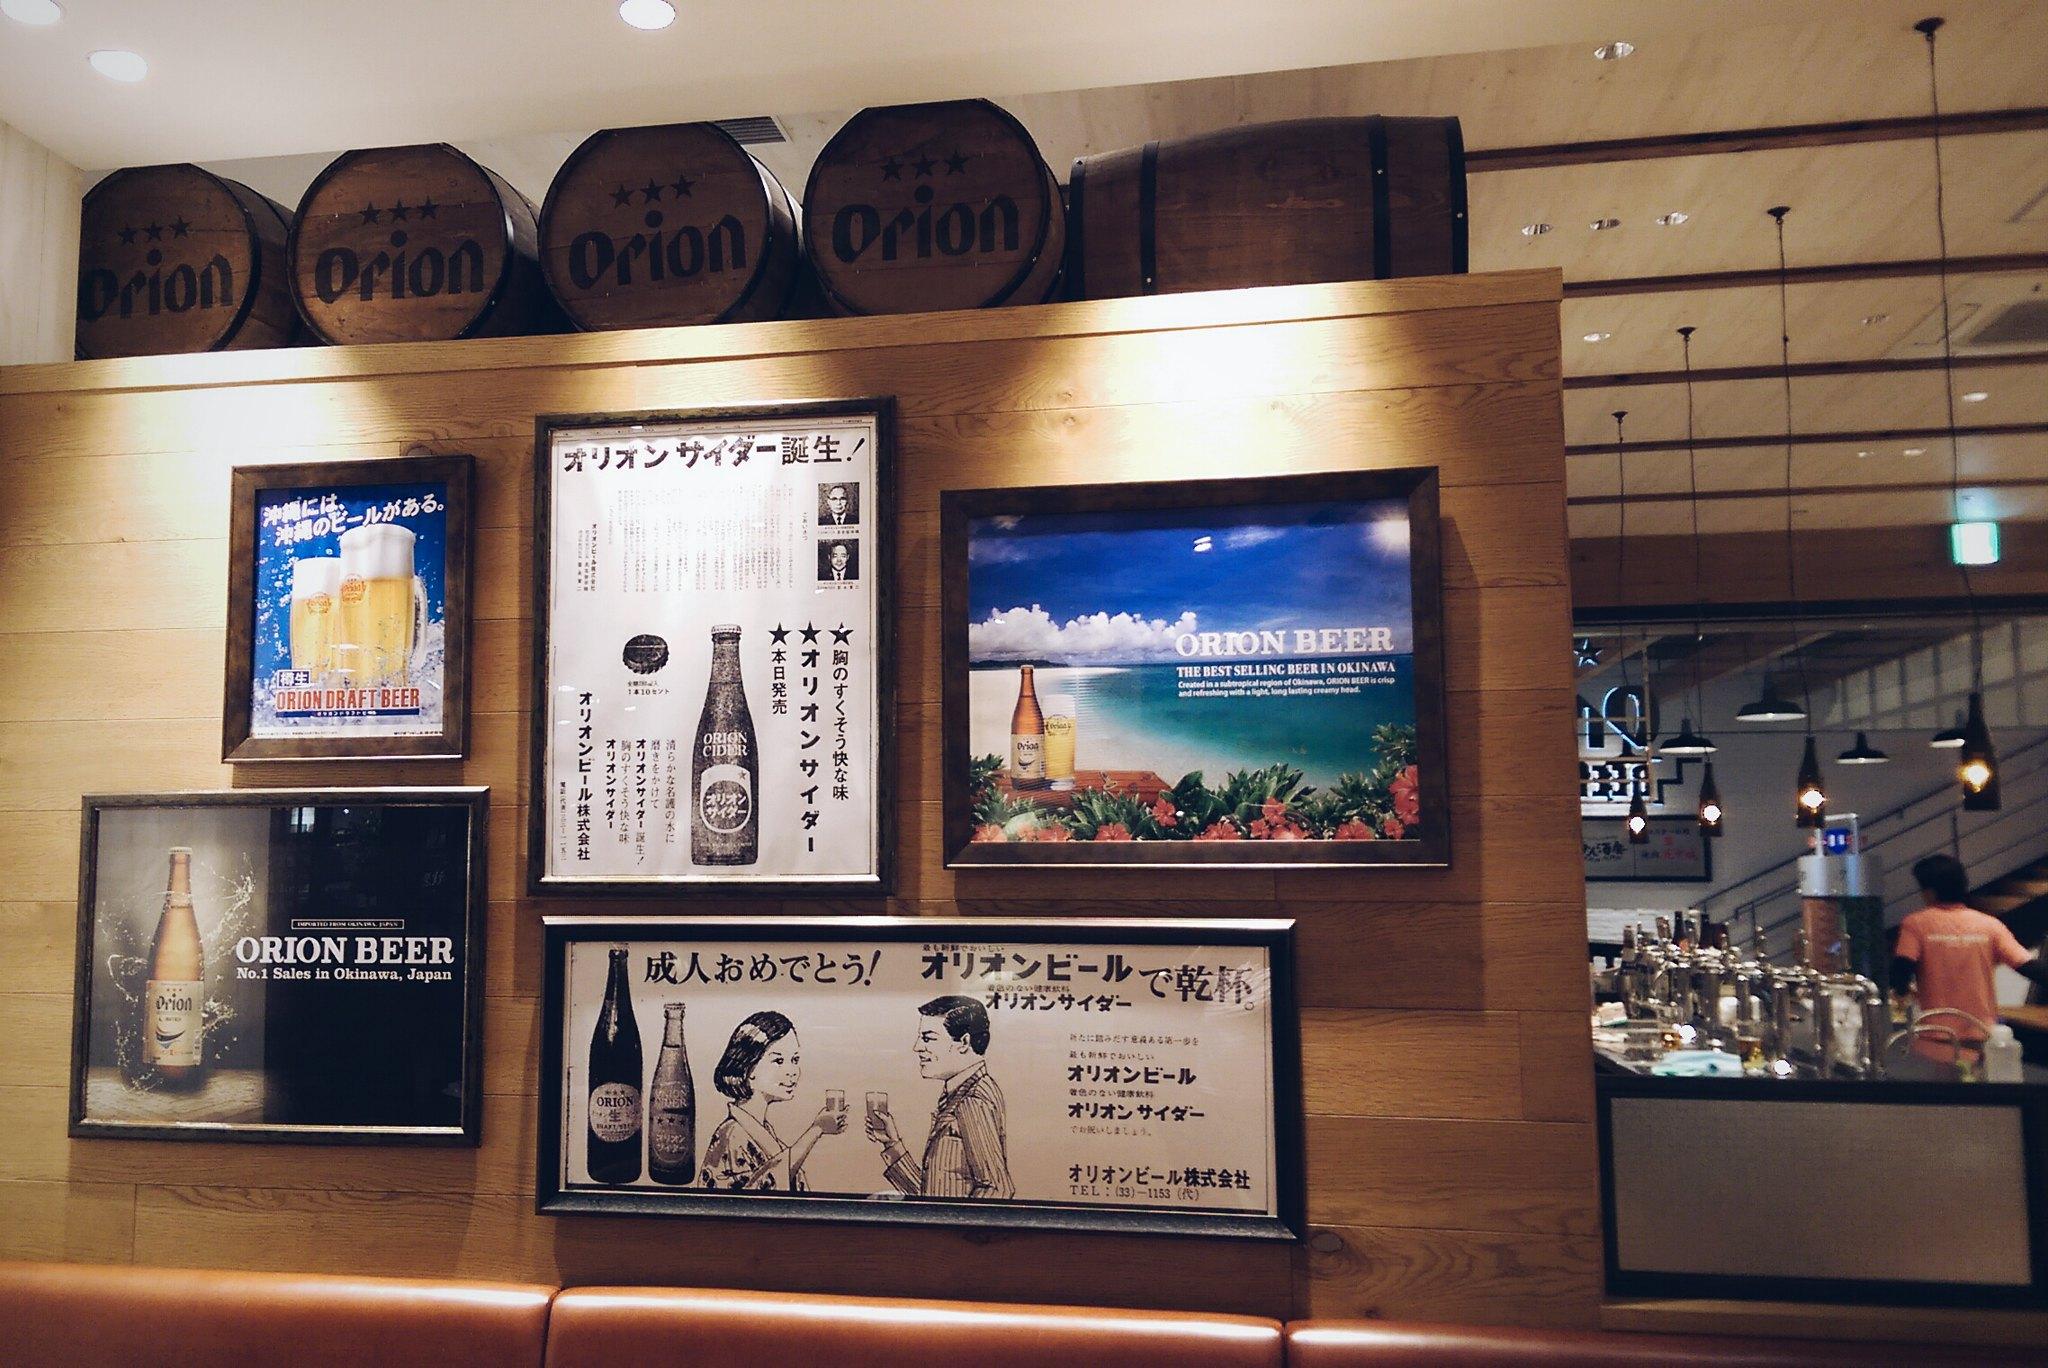 orion beer hall okinawa